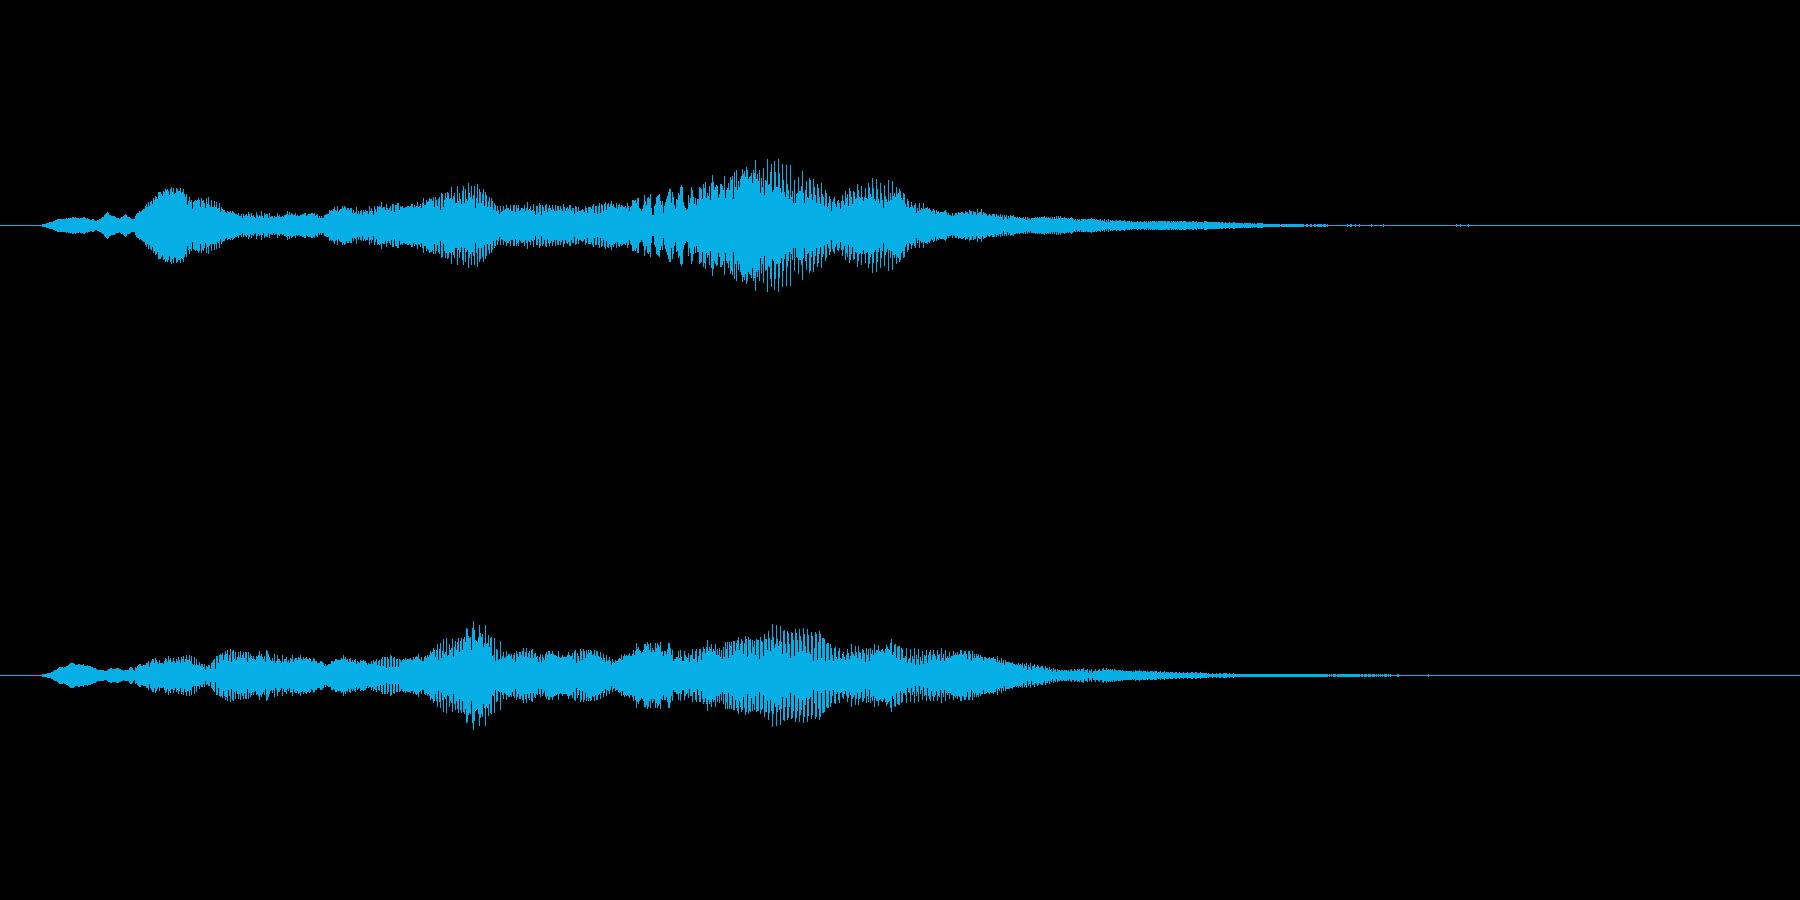 シンセサイザーによるサウンドロゴの再生済みの波形